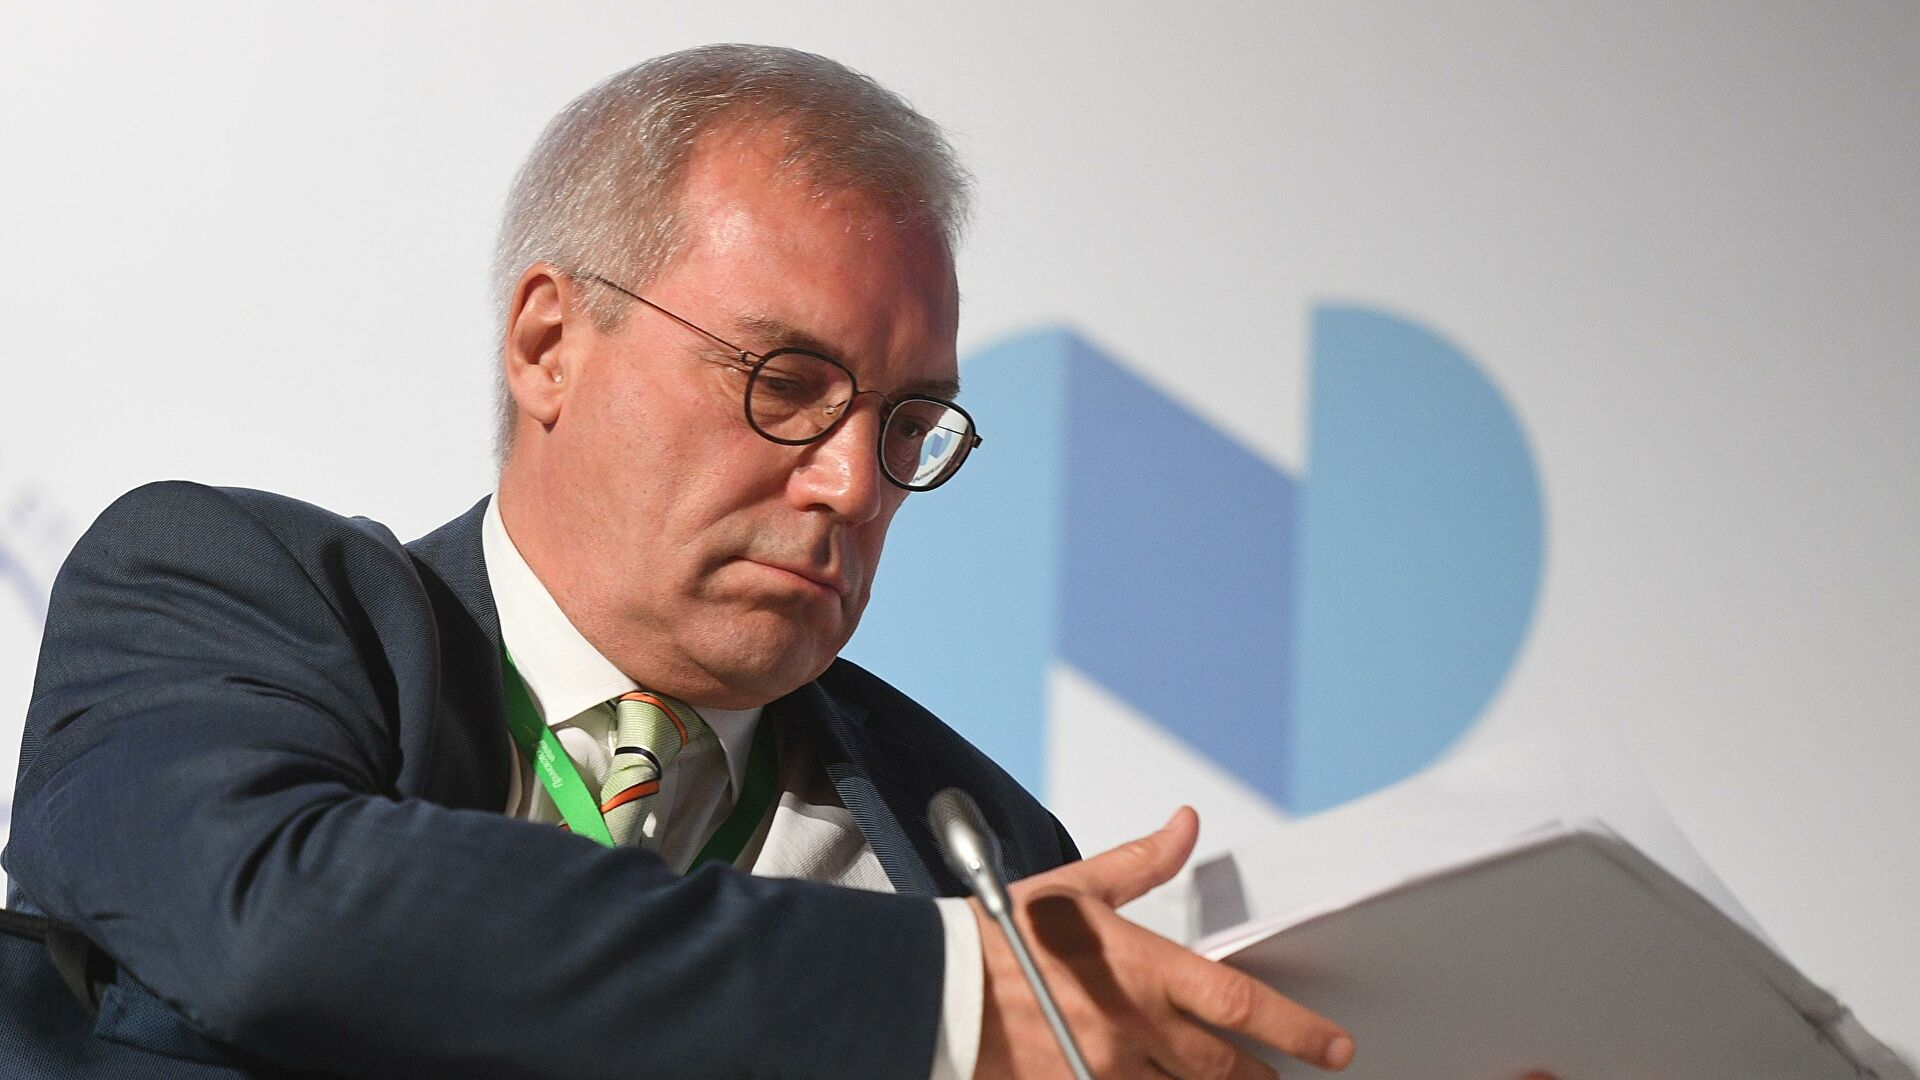 Грушко: НАТО није спреман за систематски рад на деескалацији